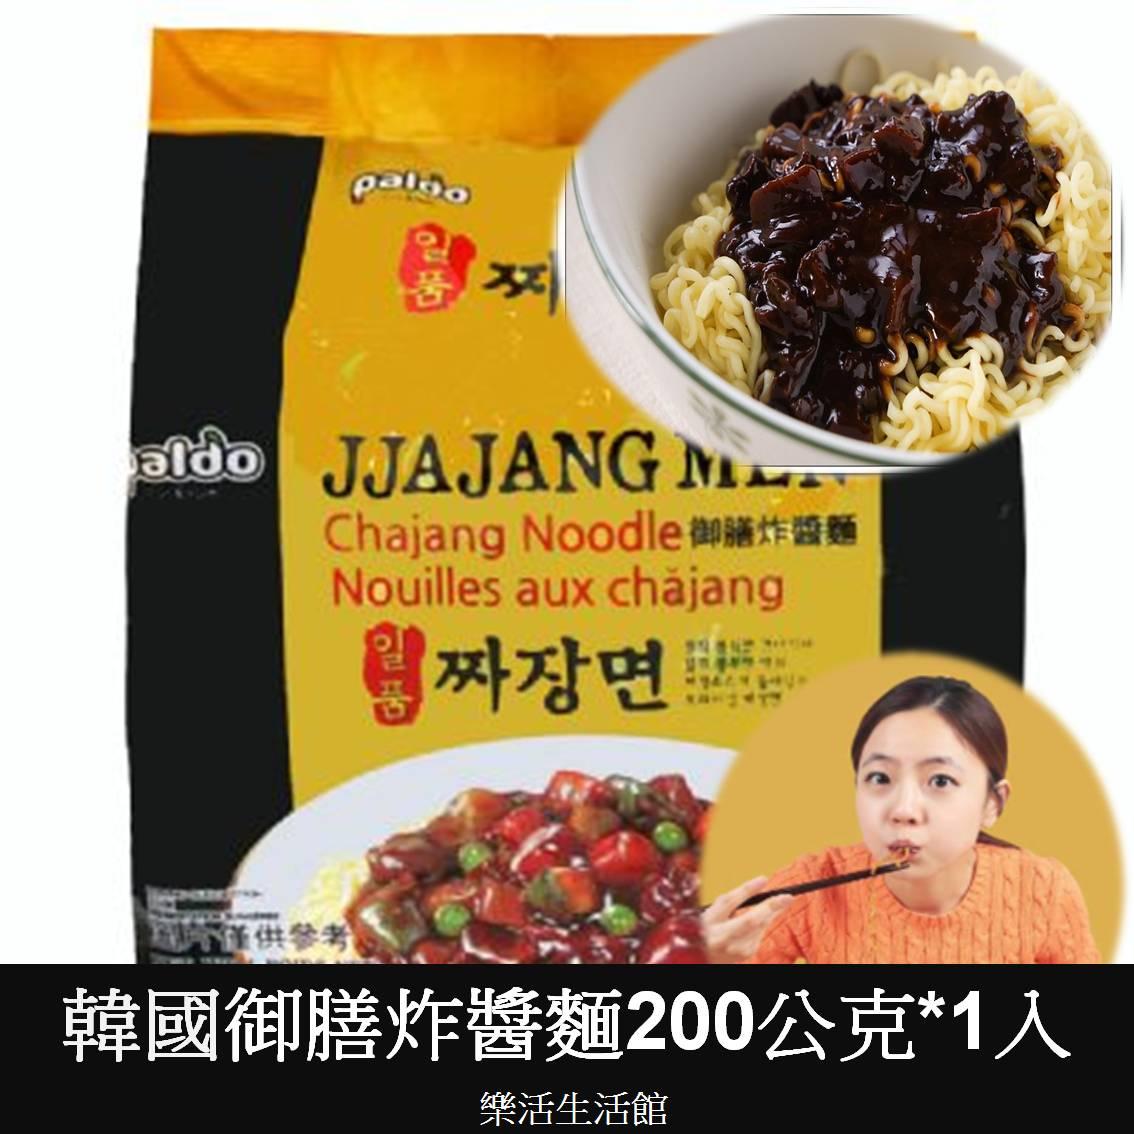 韓國八道 Paldo 御膳炸醬麵200g * 包【樂活生活館】